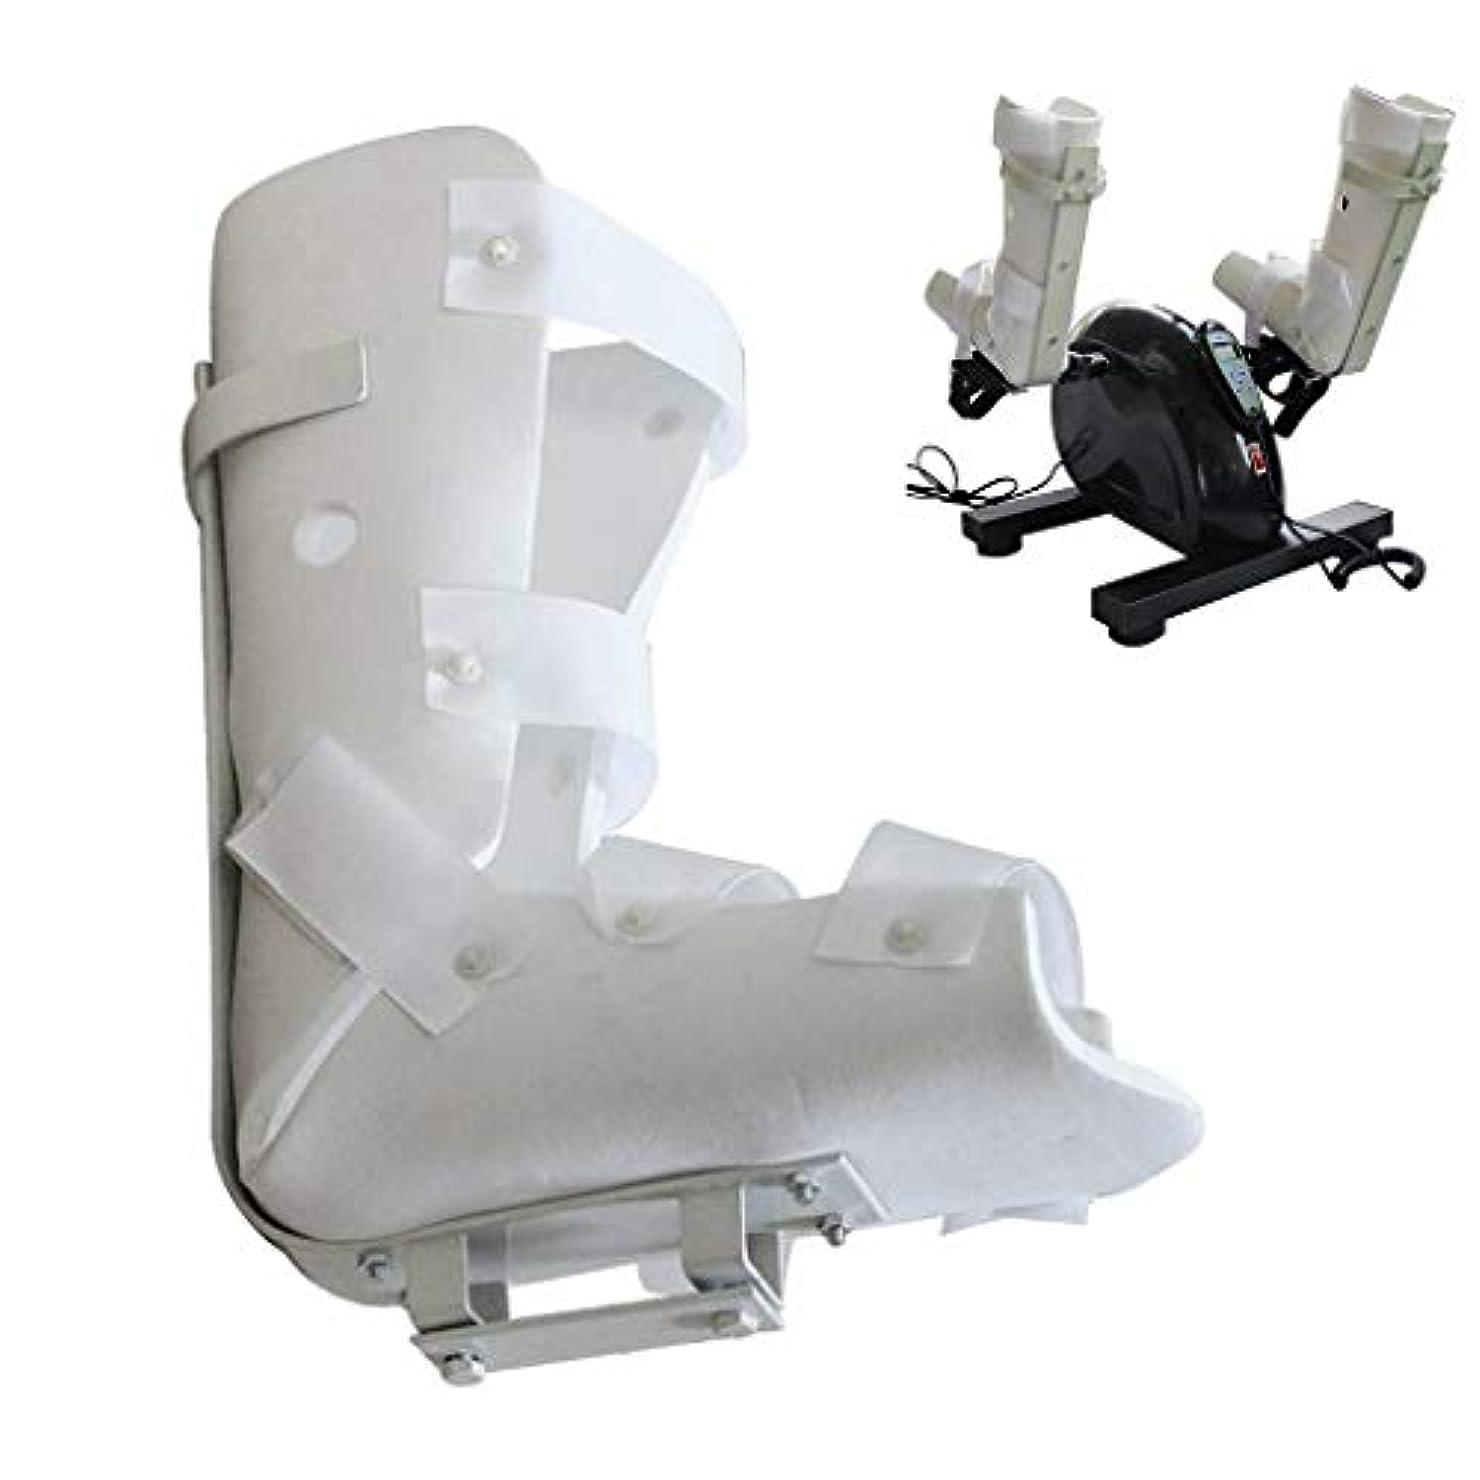 ベッドを作るくつろぎ全員電子理学療法コンフォートソフトスプリント、ハンディキャップ障害者および脳卒中サバイバー、1ペア用のリハビリバイクペダル電動トレーナーの脚サポート